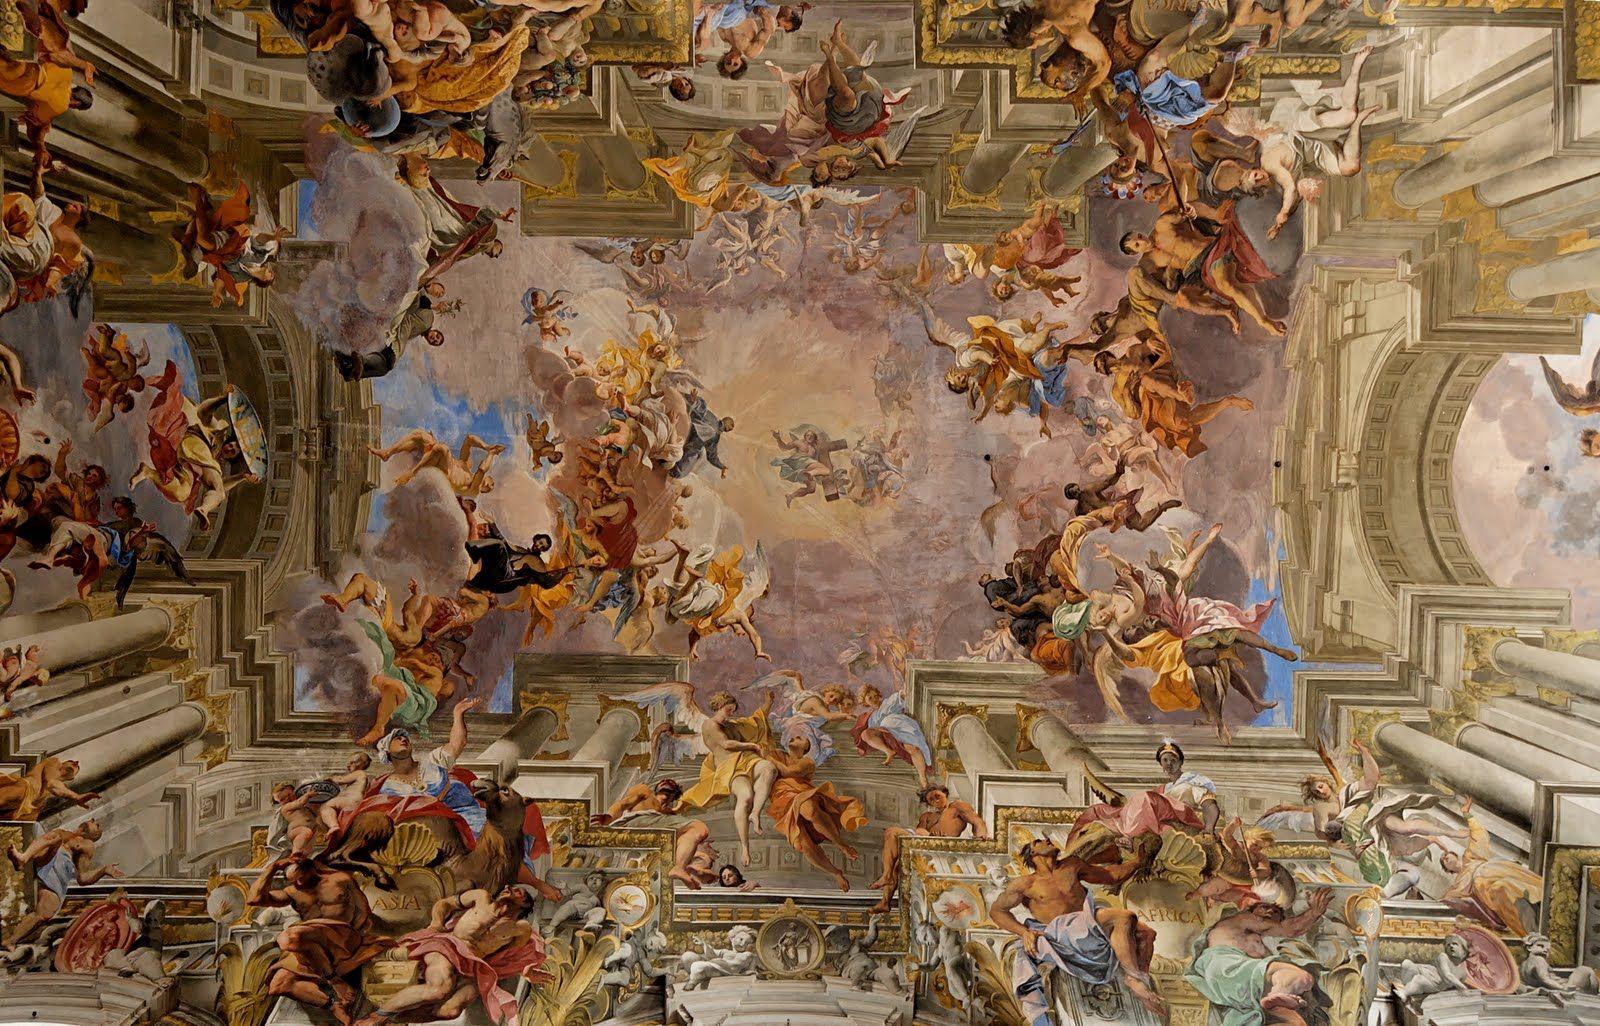 Triumph of st loyola by pozzo ceiling fresco in entry way triumph of st loyola by pozzo ceiling fresco in entry way dailygadgetfo Image collections